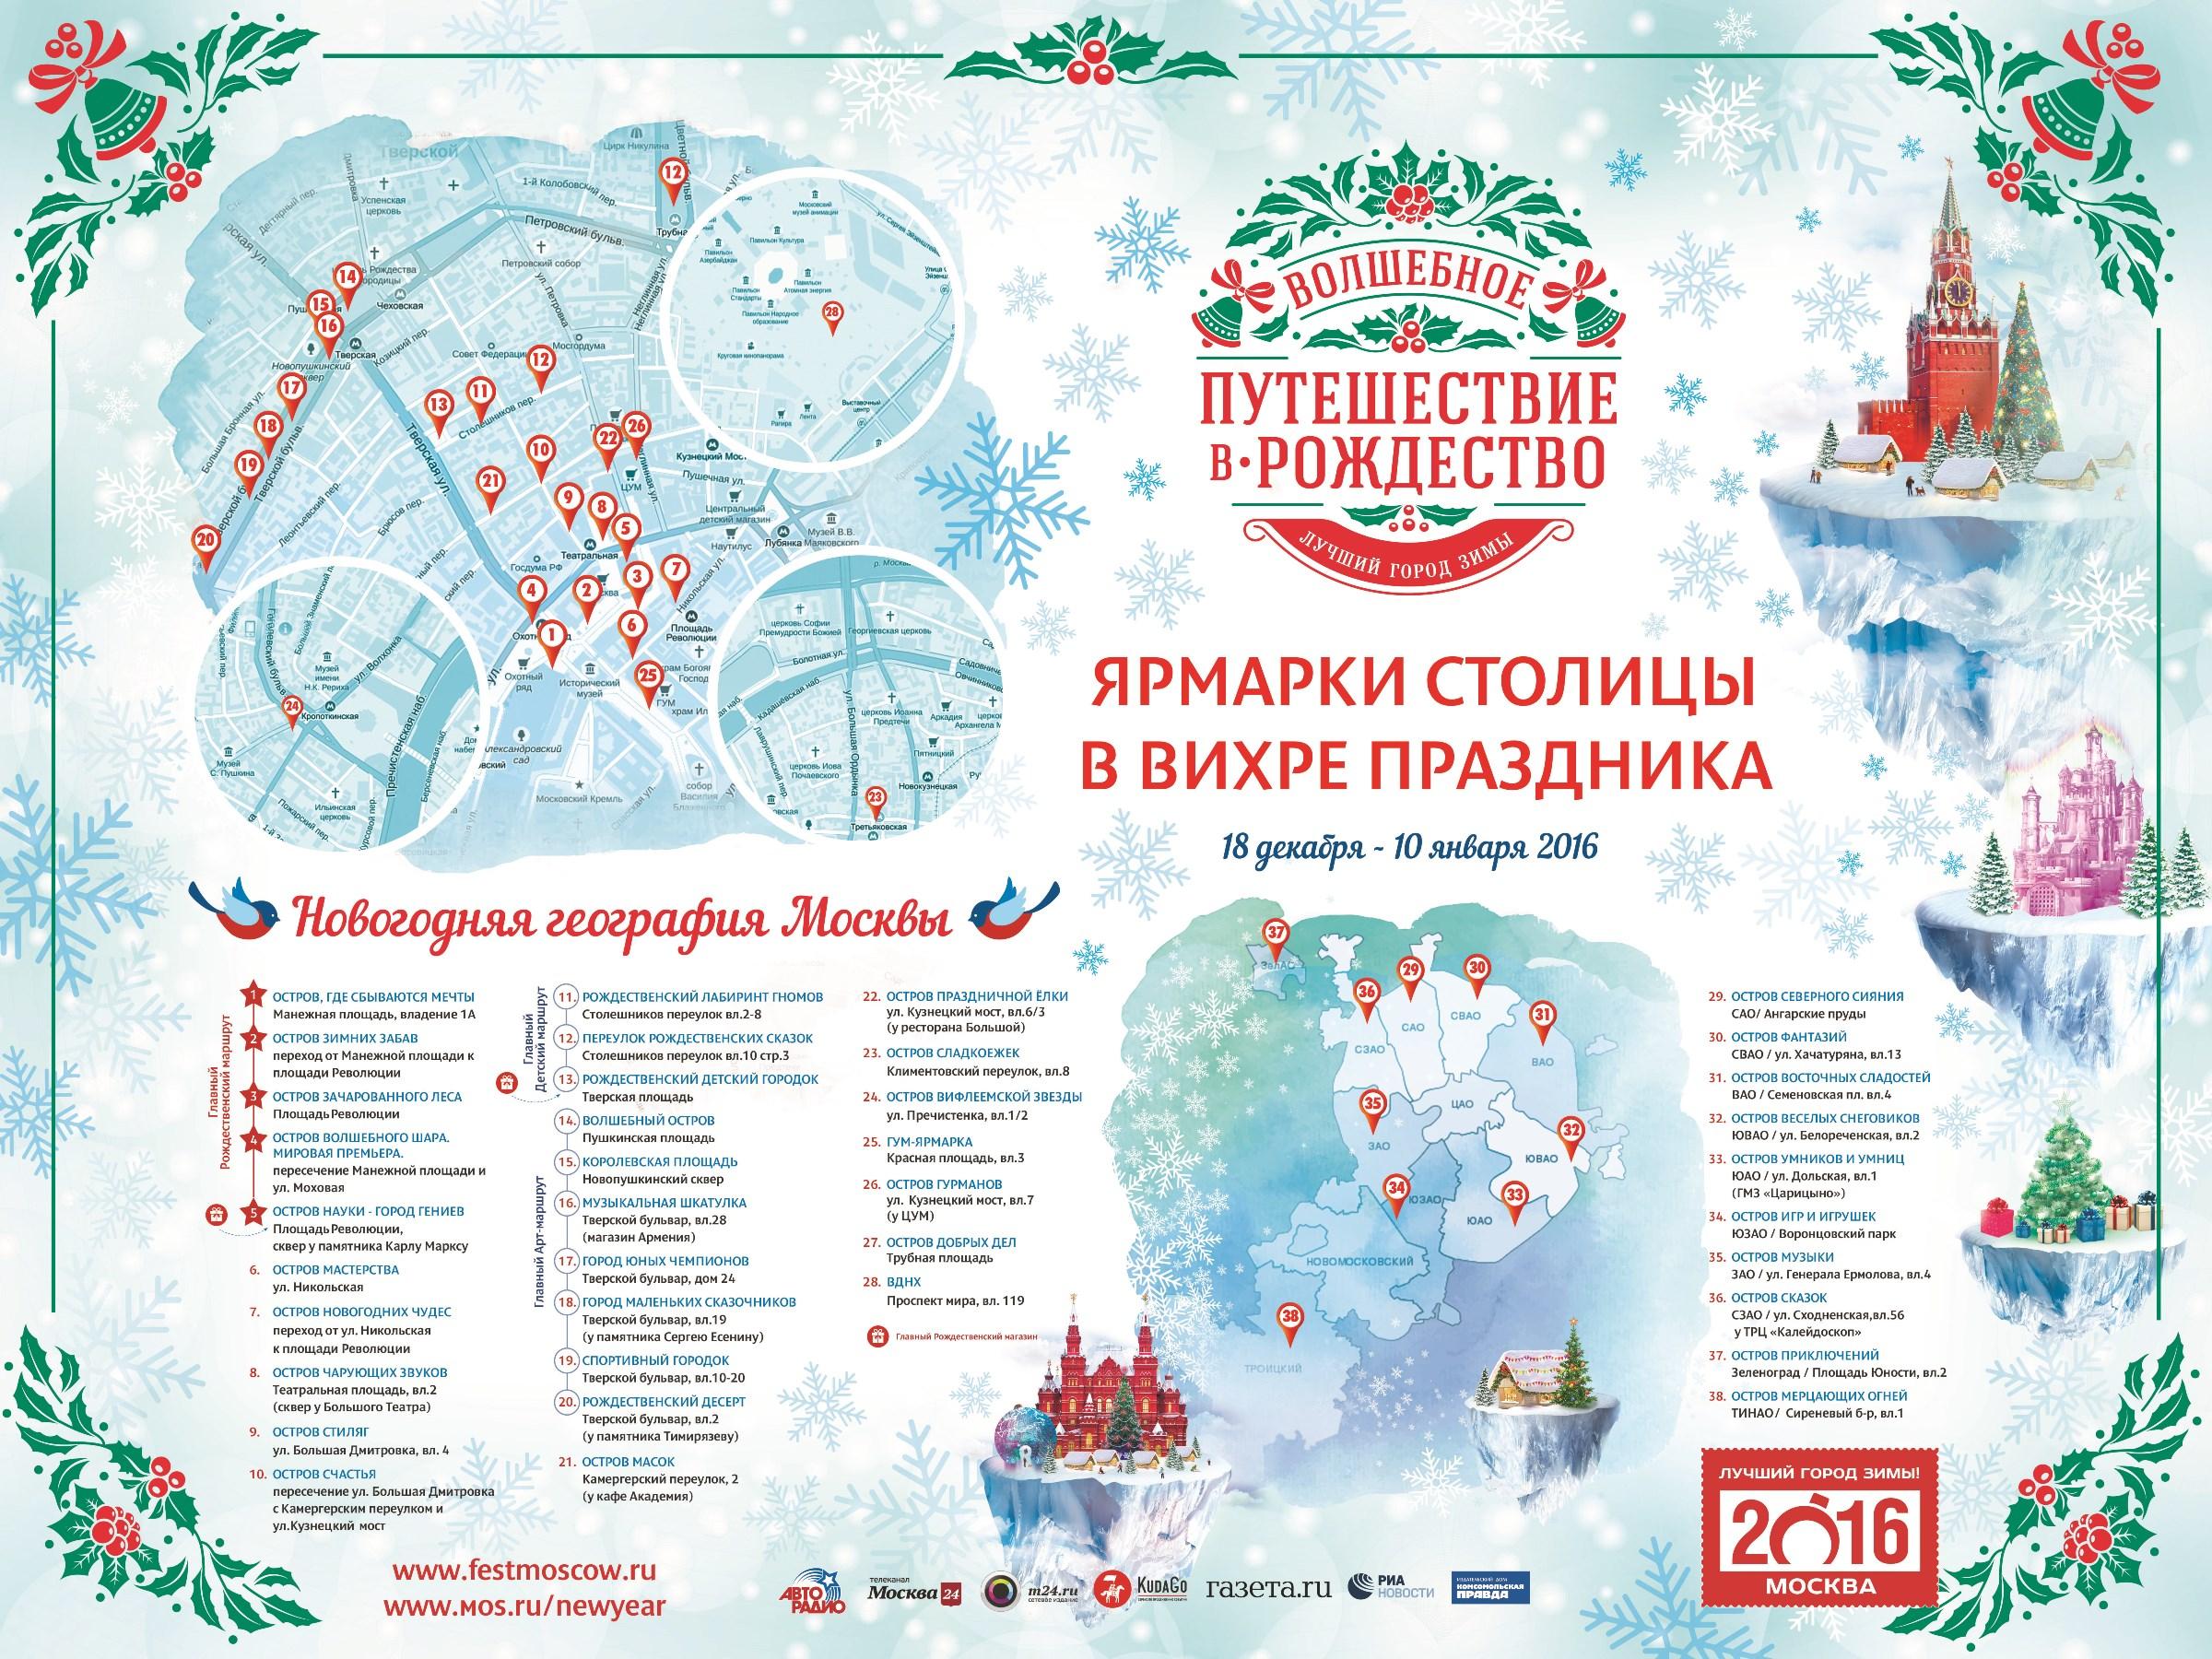 Путешествие в Рождество 2015-2016: карта площадок